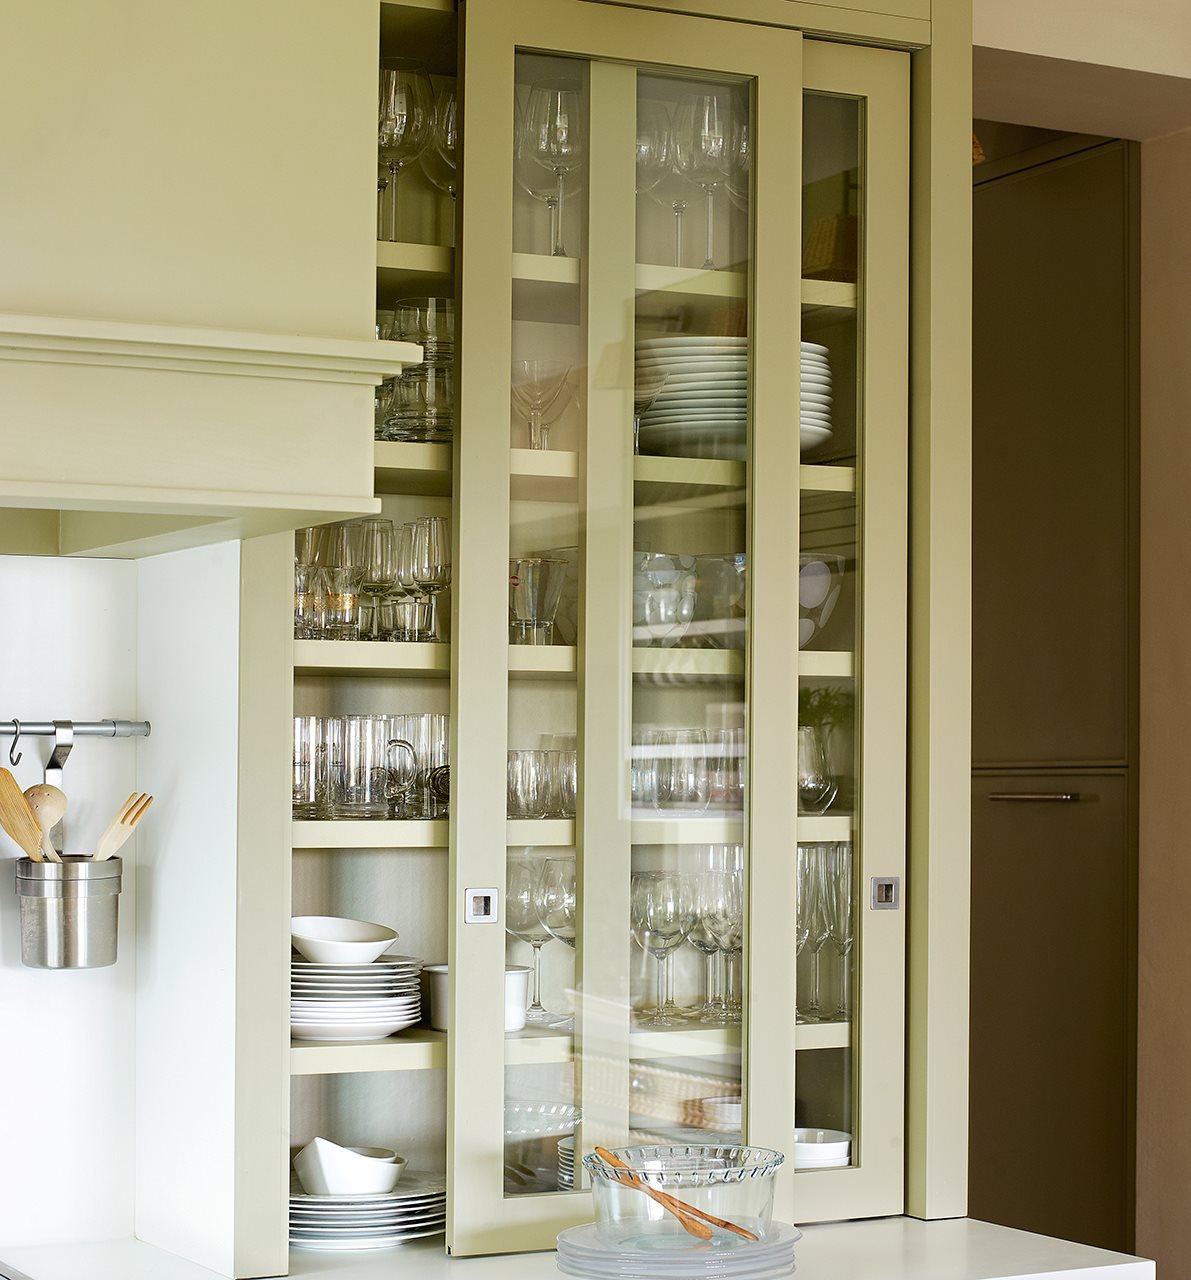 Trucos para organizar la cocina - Vitrinas para vajillas ...